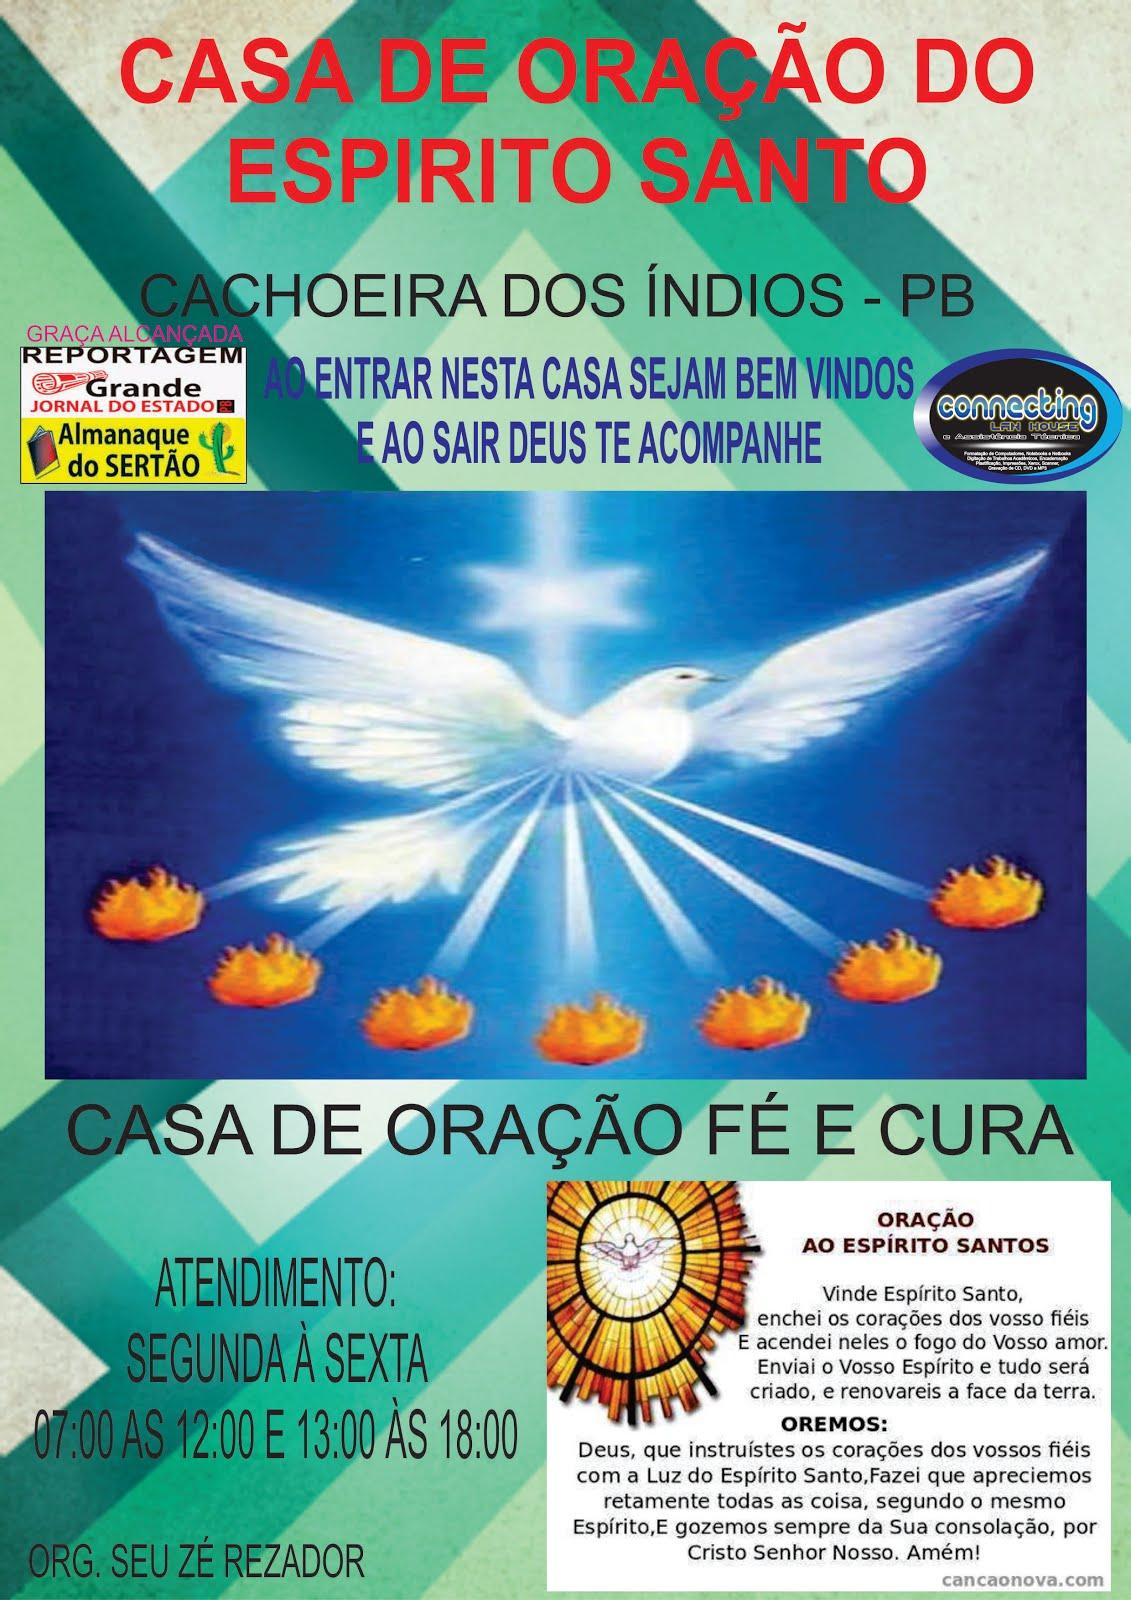 CASA  DE  ORAÇÃO DO ESPÍRITO  SANTO  EM CACHOEIRA DOS INDIOS  PB